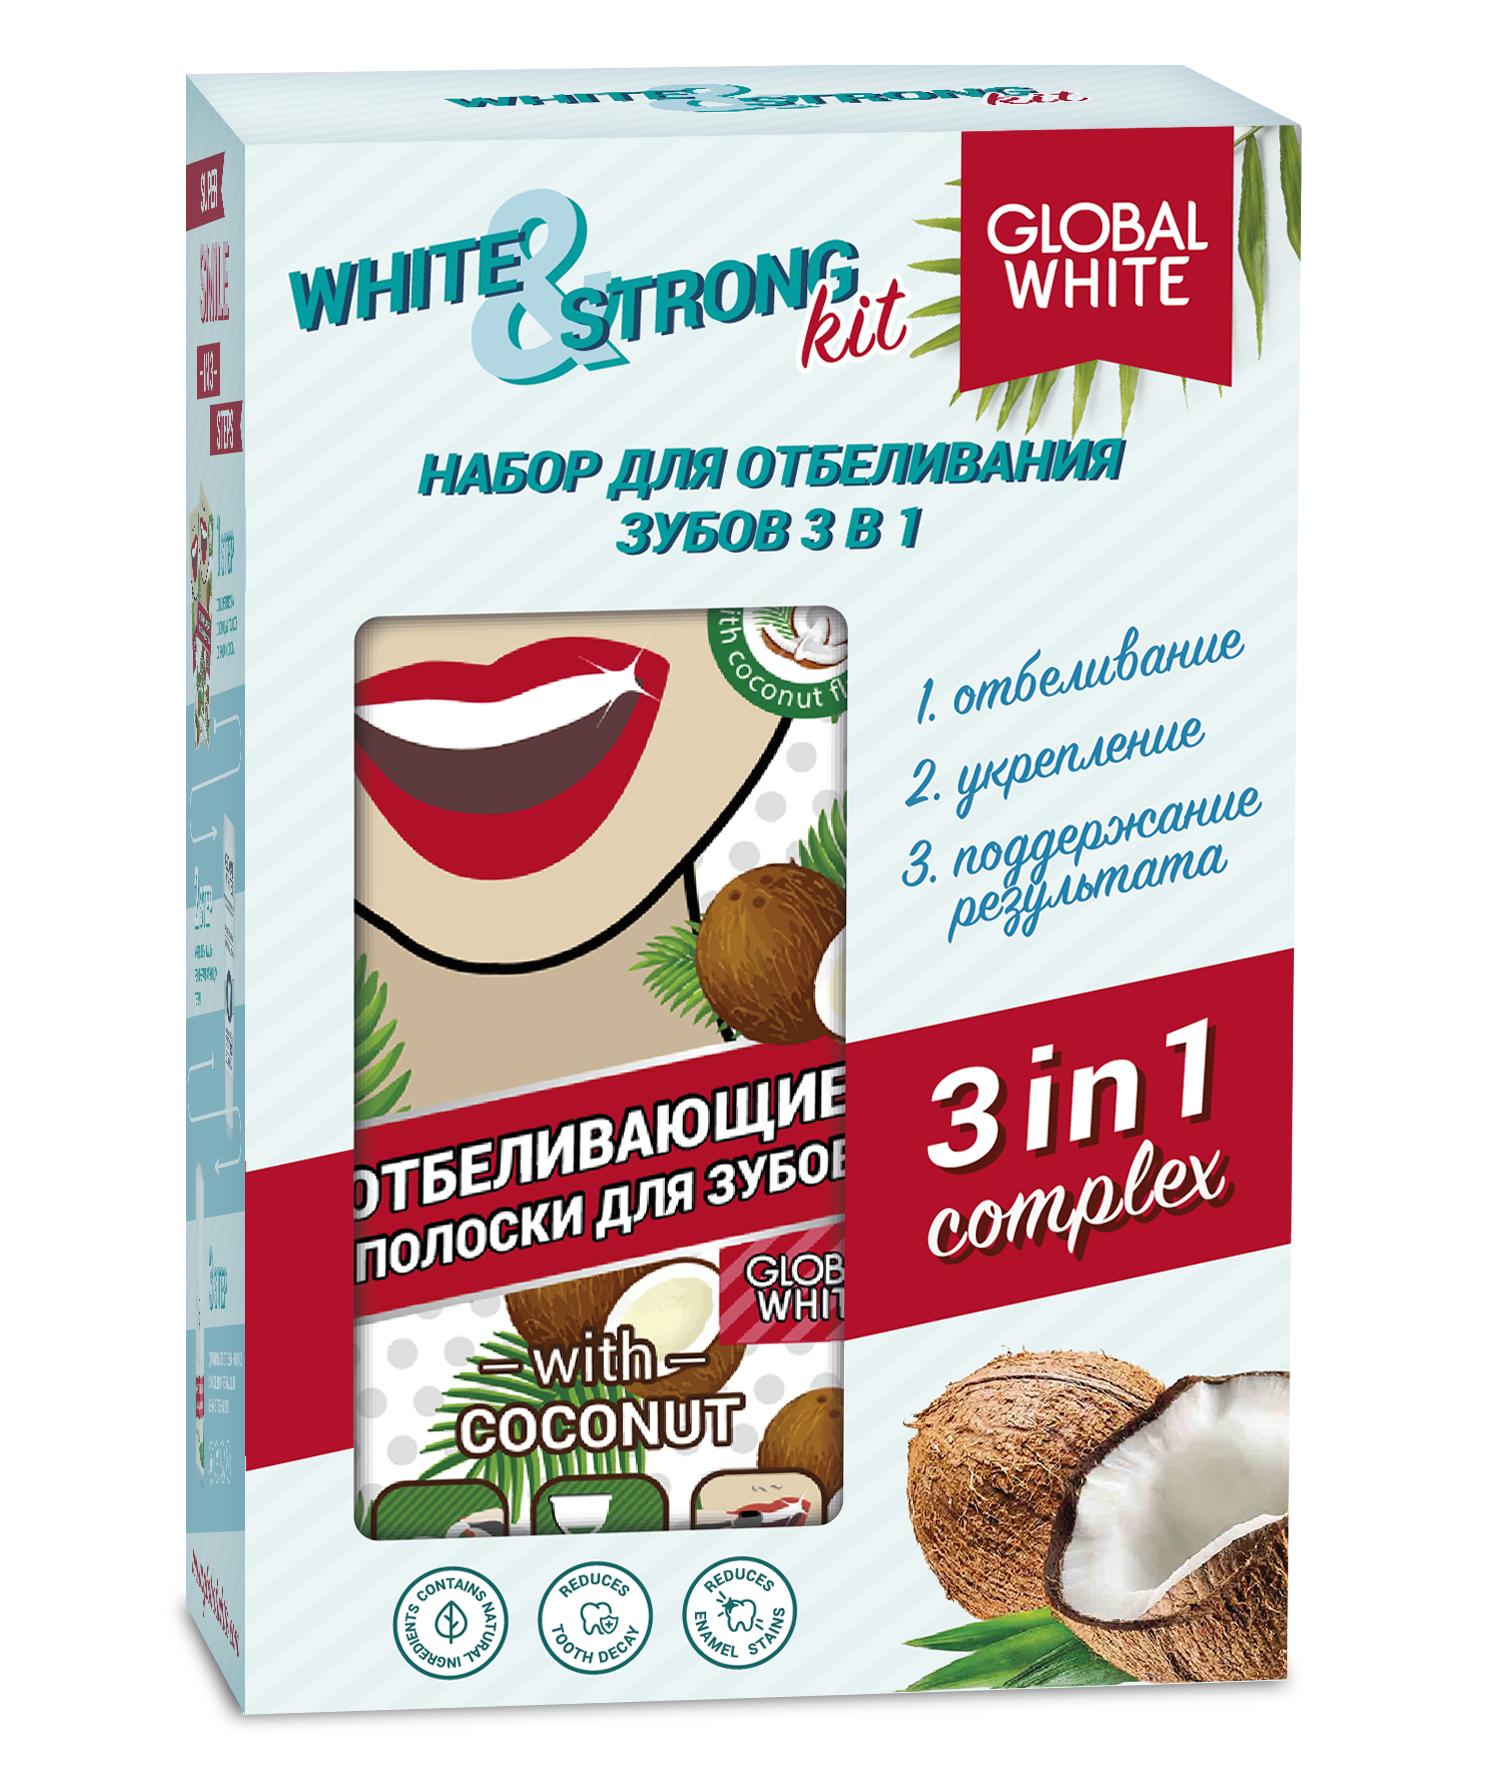 GLOBAL WHITE Набор для отбеливания и реминерализации для зубов (полоски отбеливающие 7 шт, гель 40 мл, пенка 50 мл) WHITE  STRONG